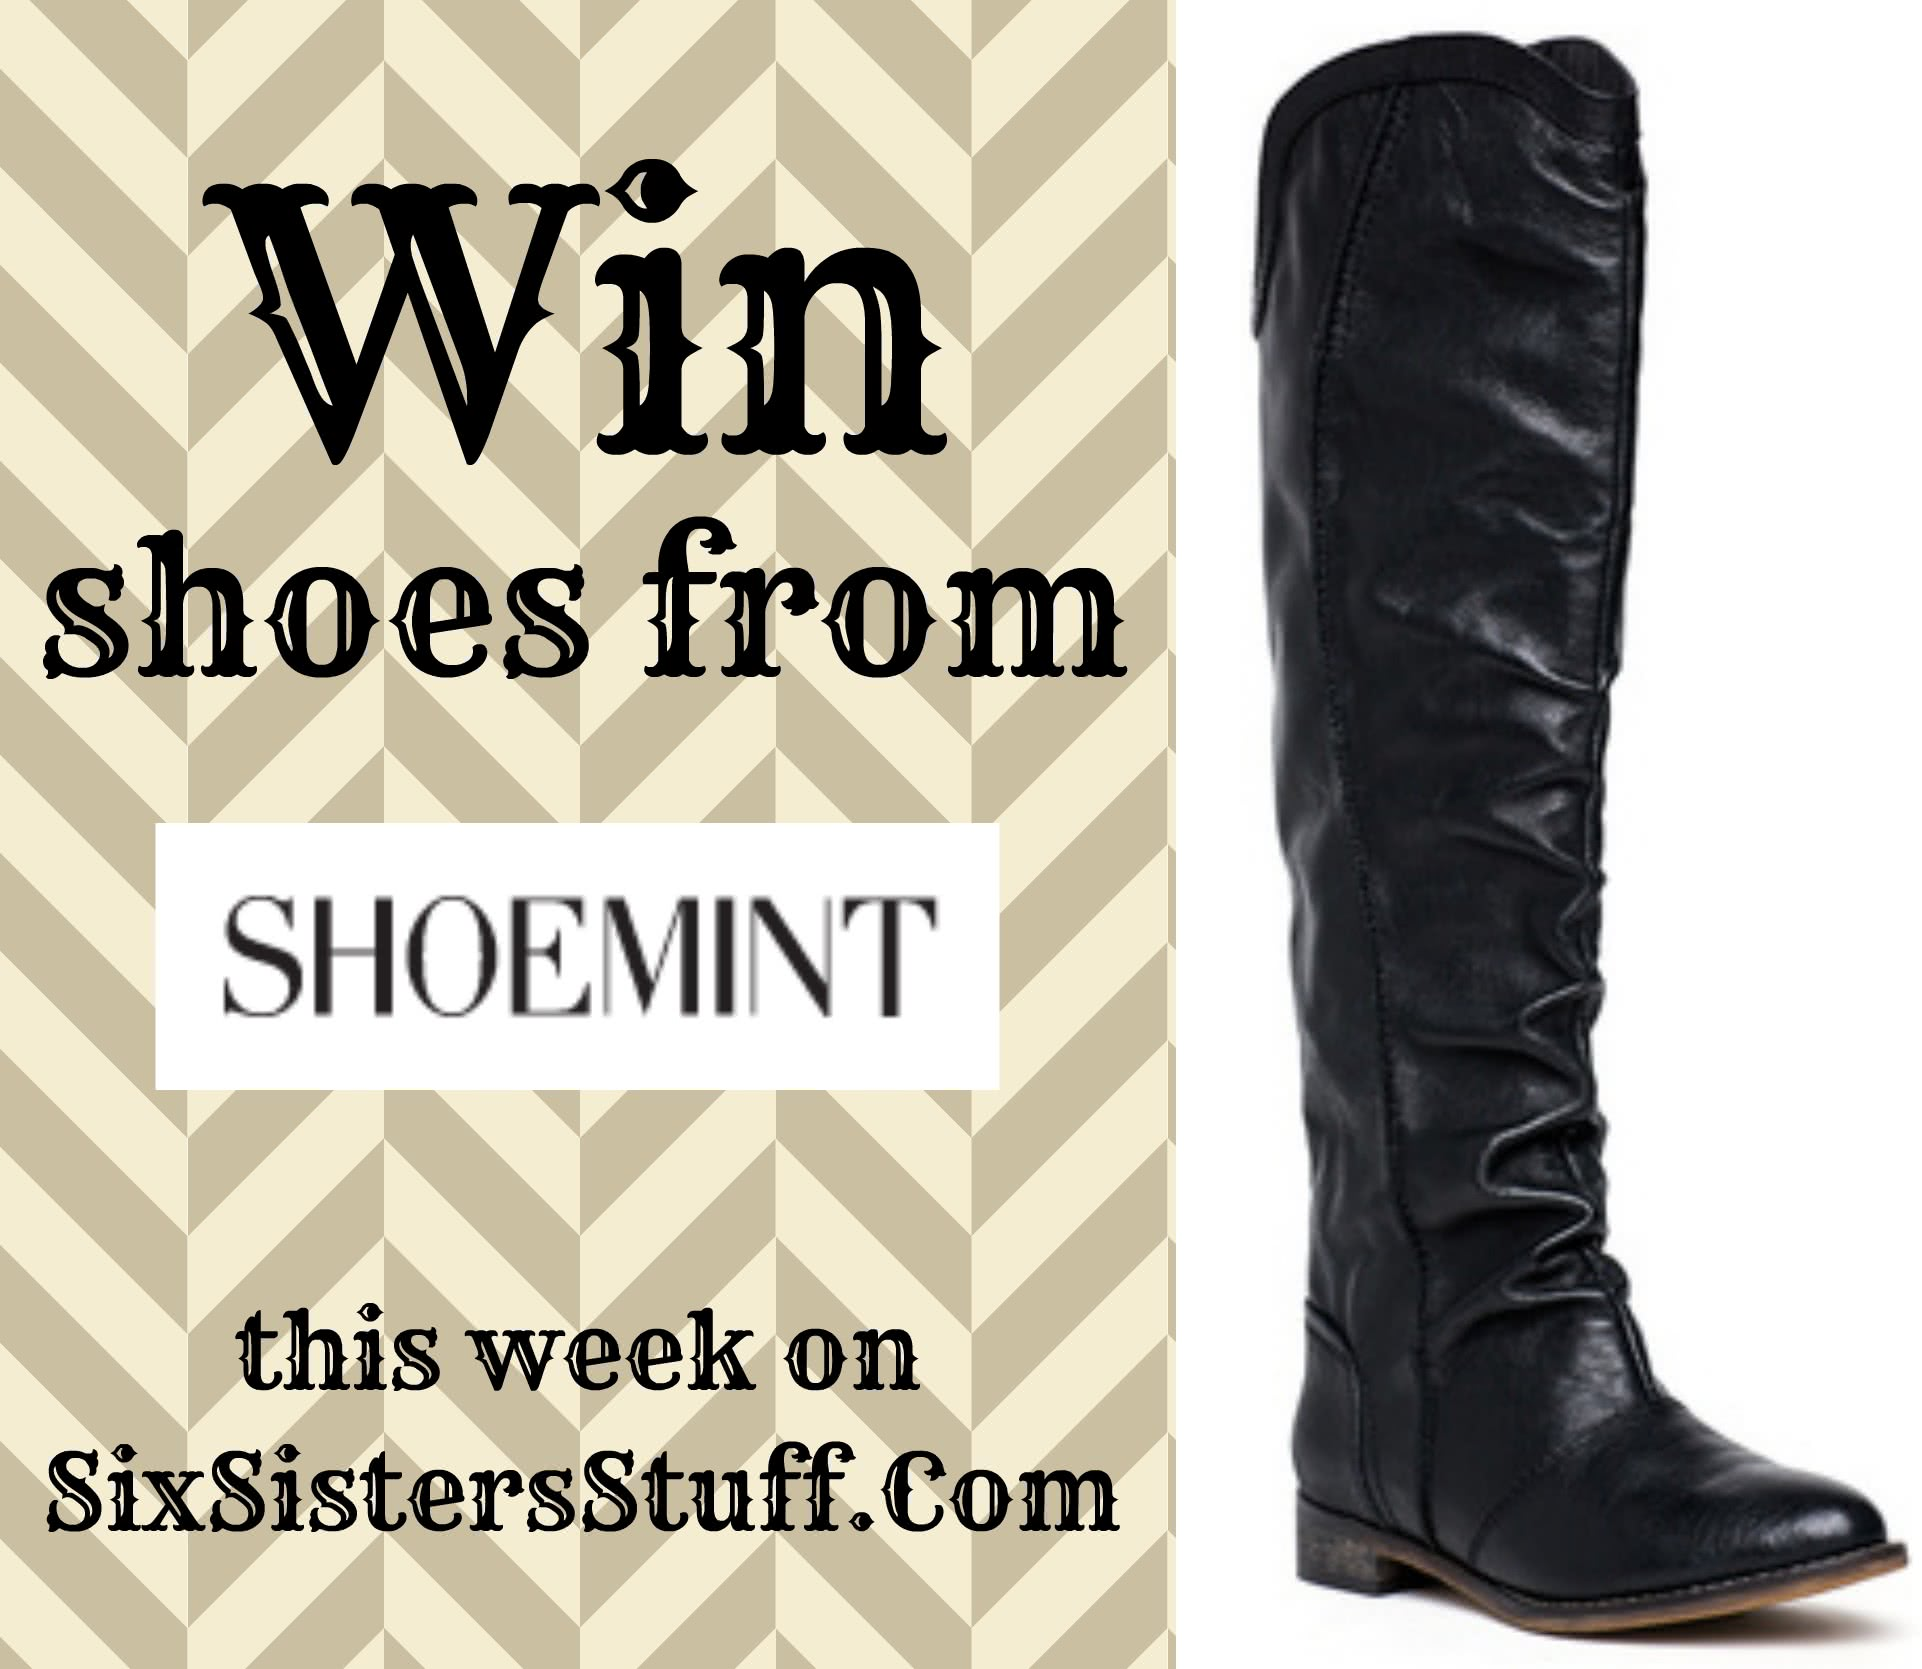 shoemint giveaway